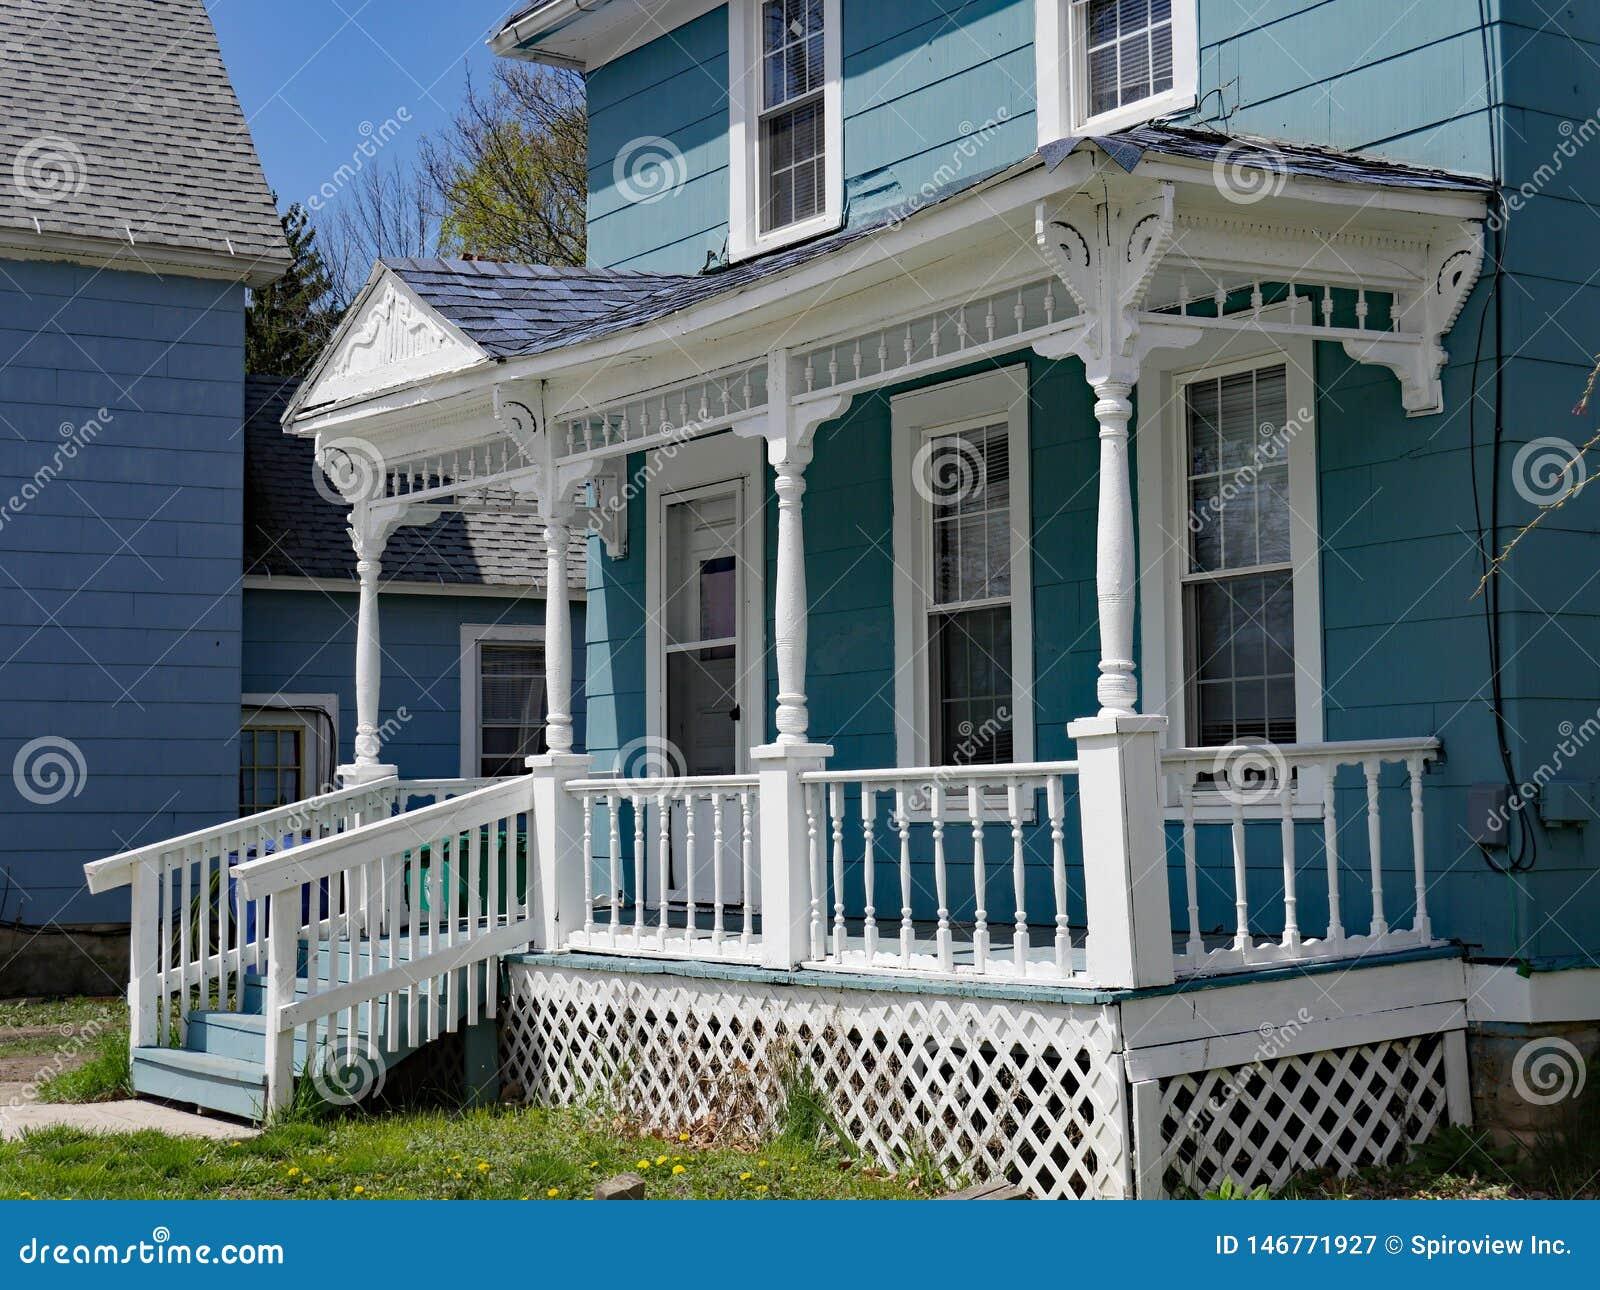 Huis met ouderwets houten astraliewerk op portiek